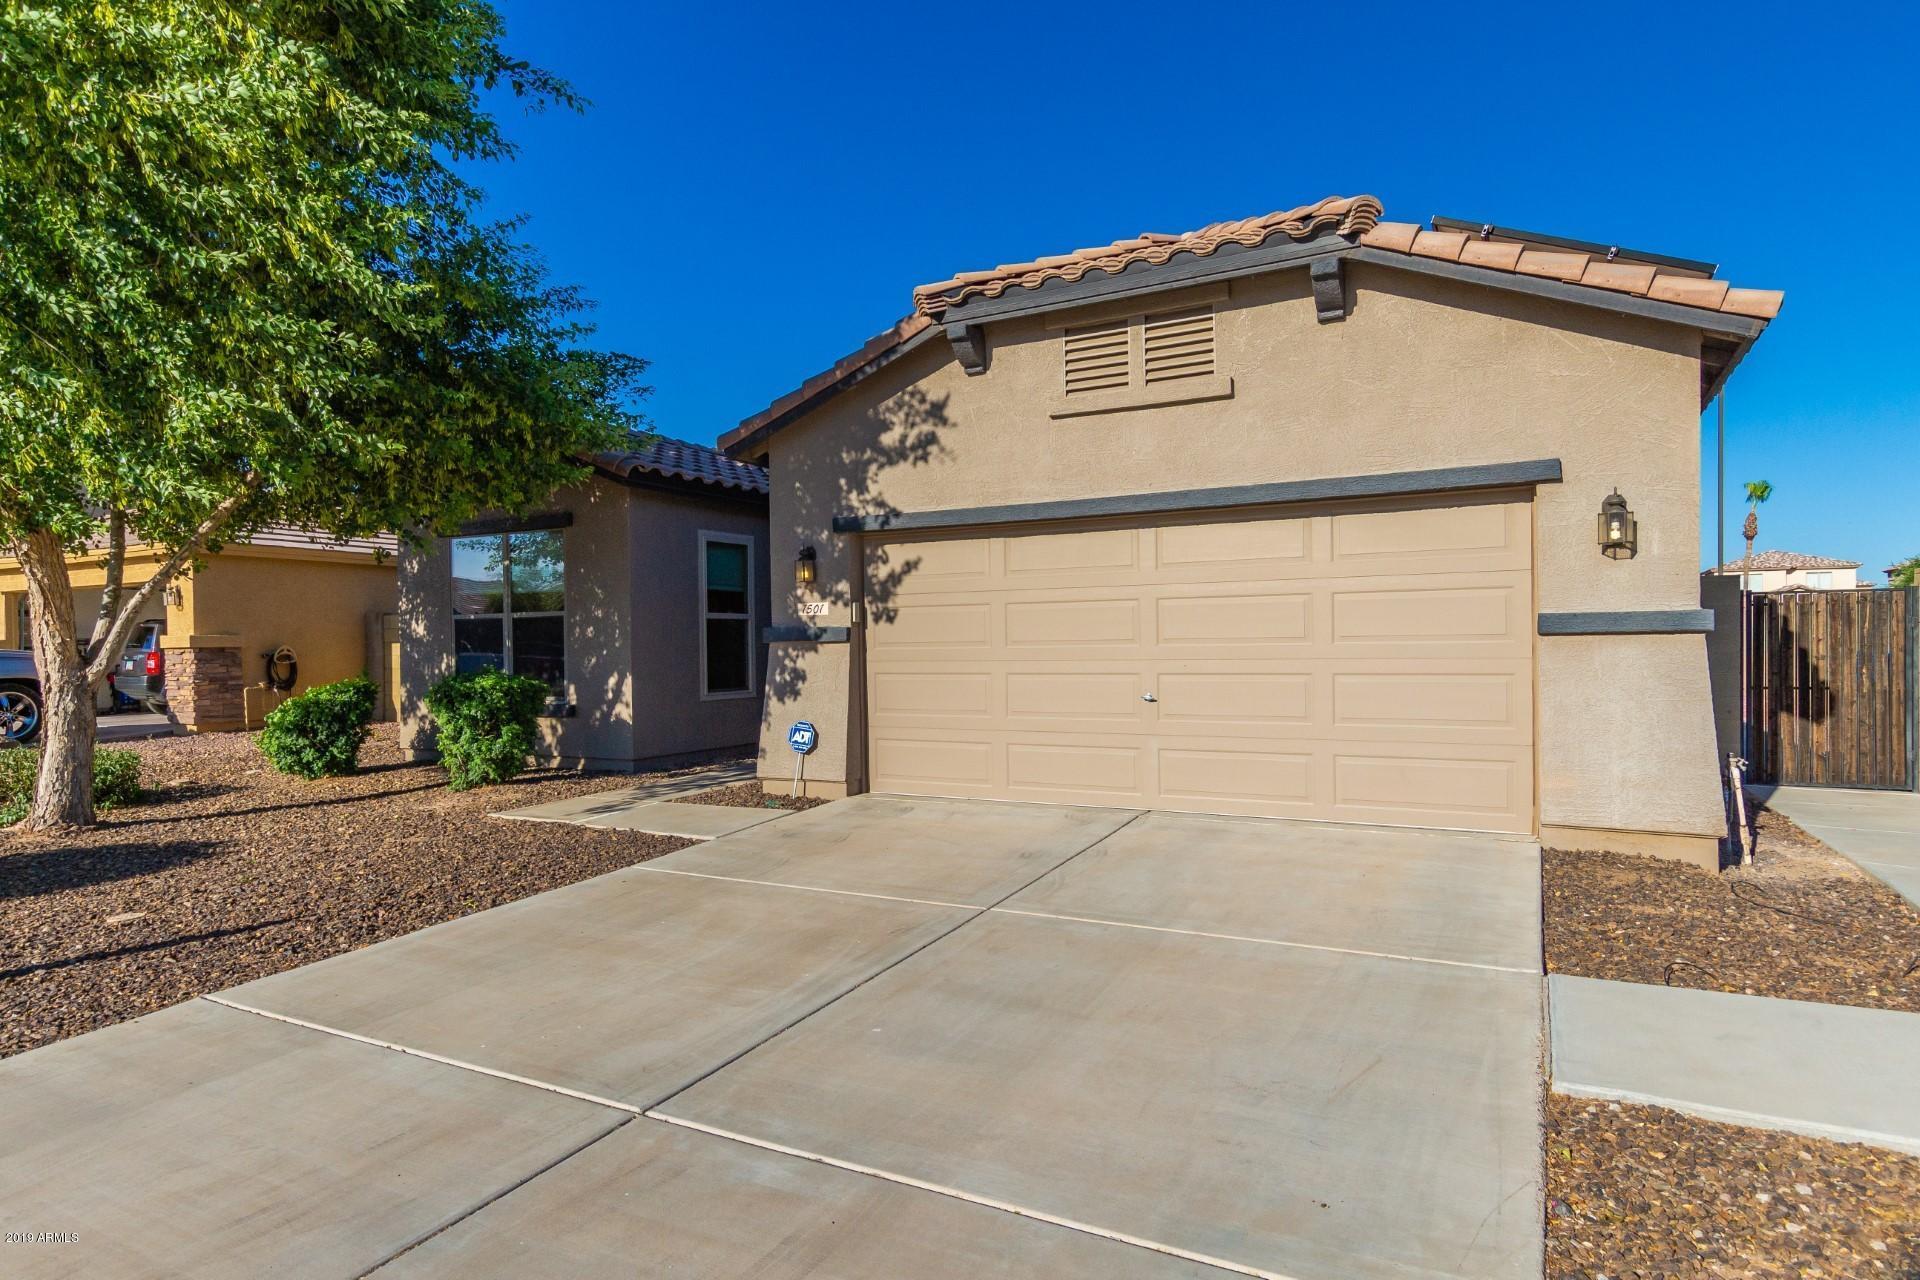 MLS 5942384 1501 S 115TH Drive, Avondale, AZ 85323 Avondale AZ Coldwater Ridge